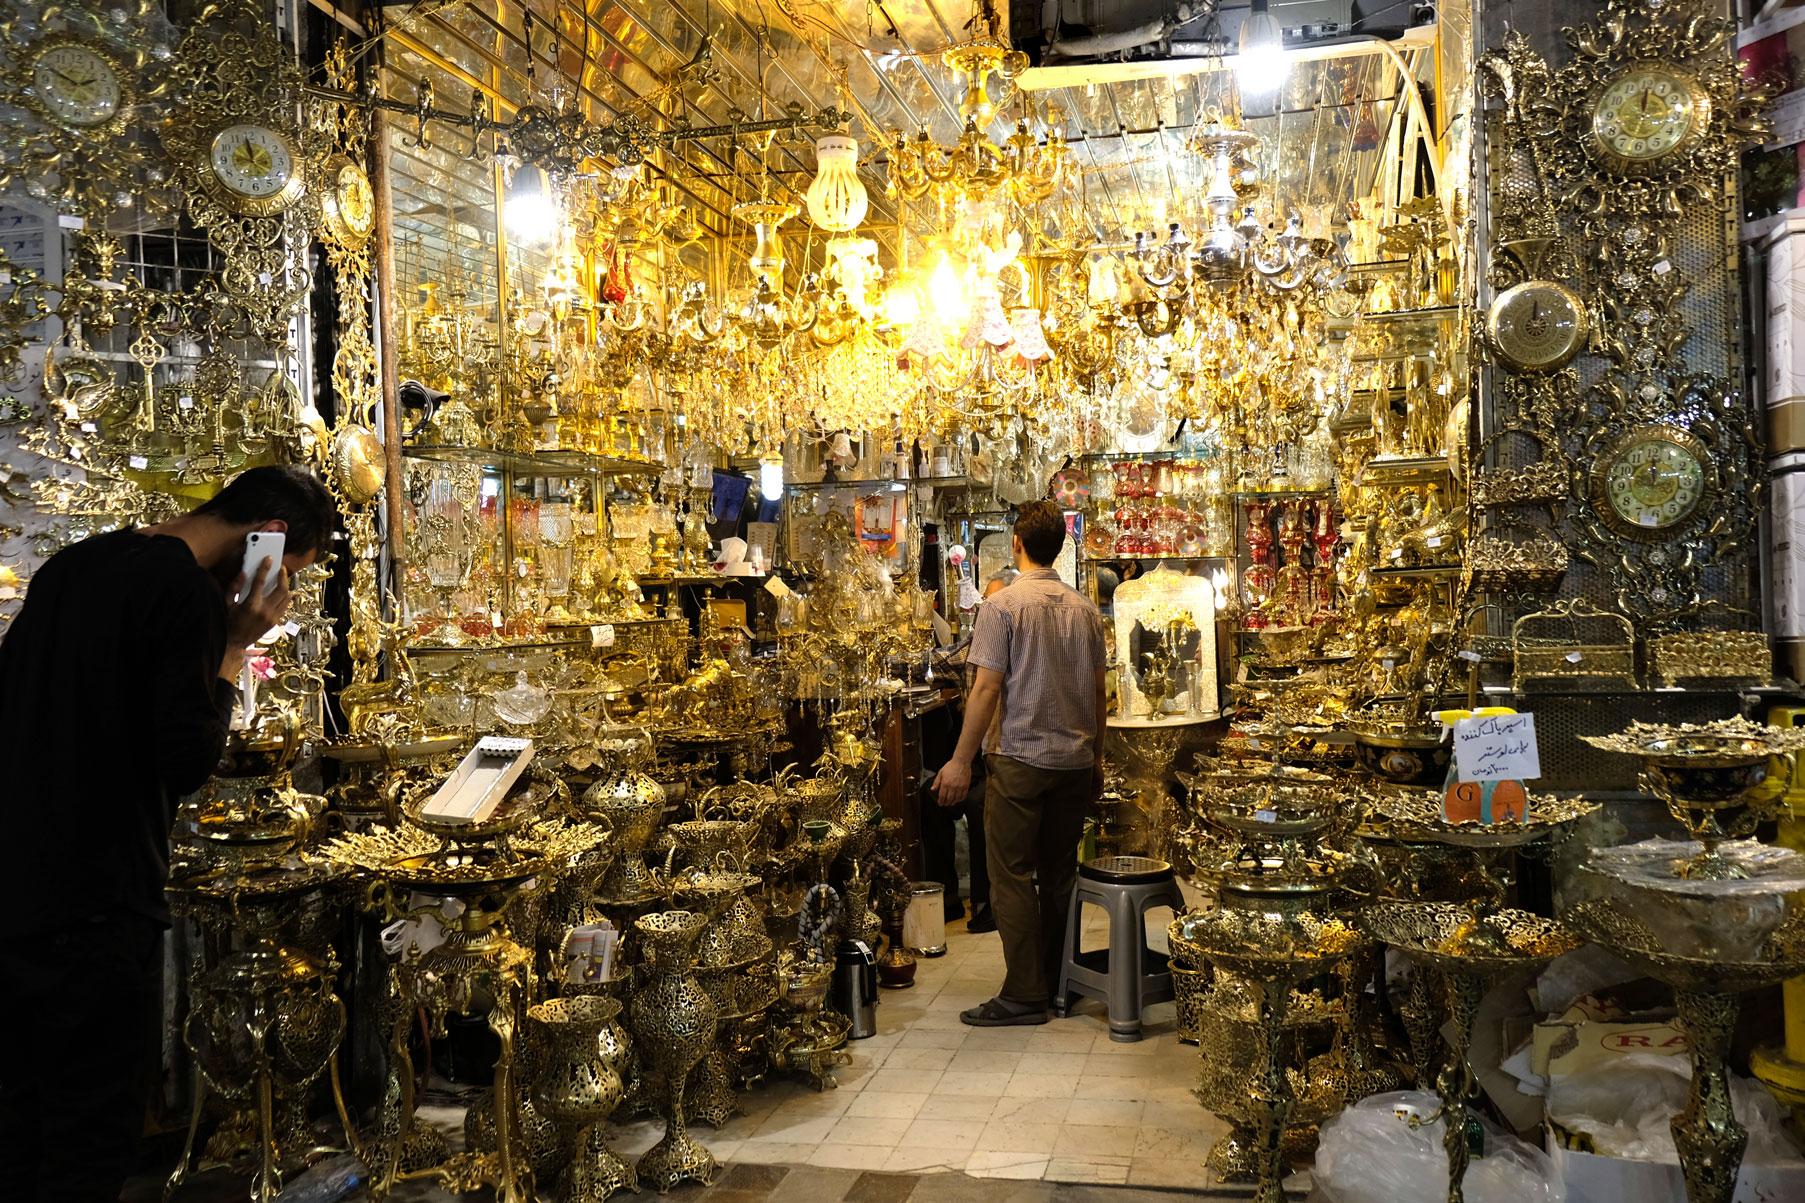 Ein Marktstand, der Lampen verkauft